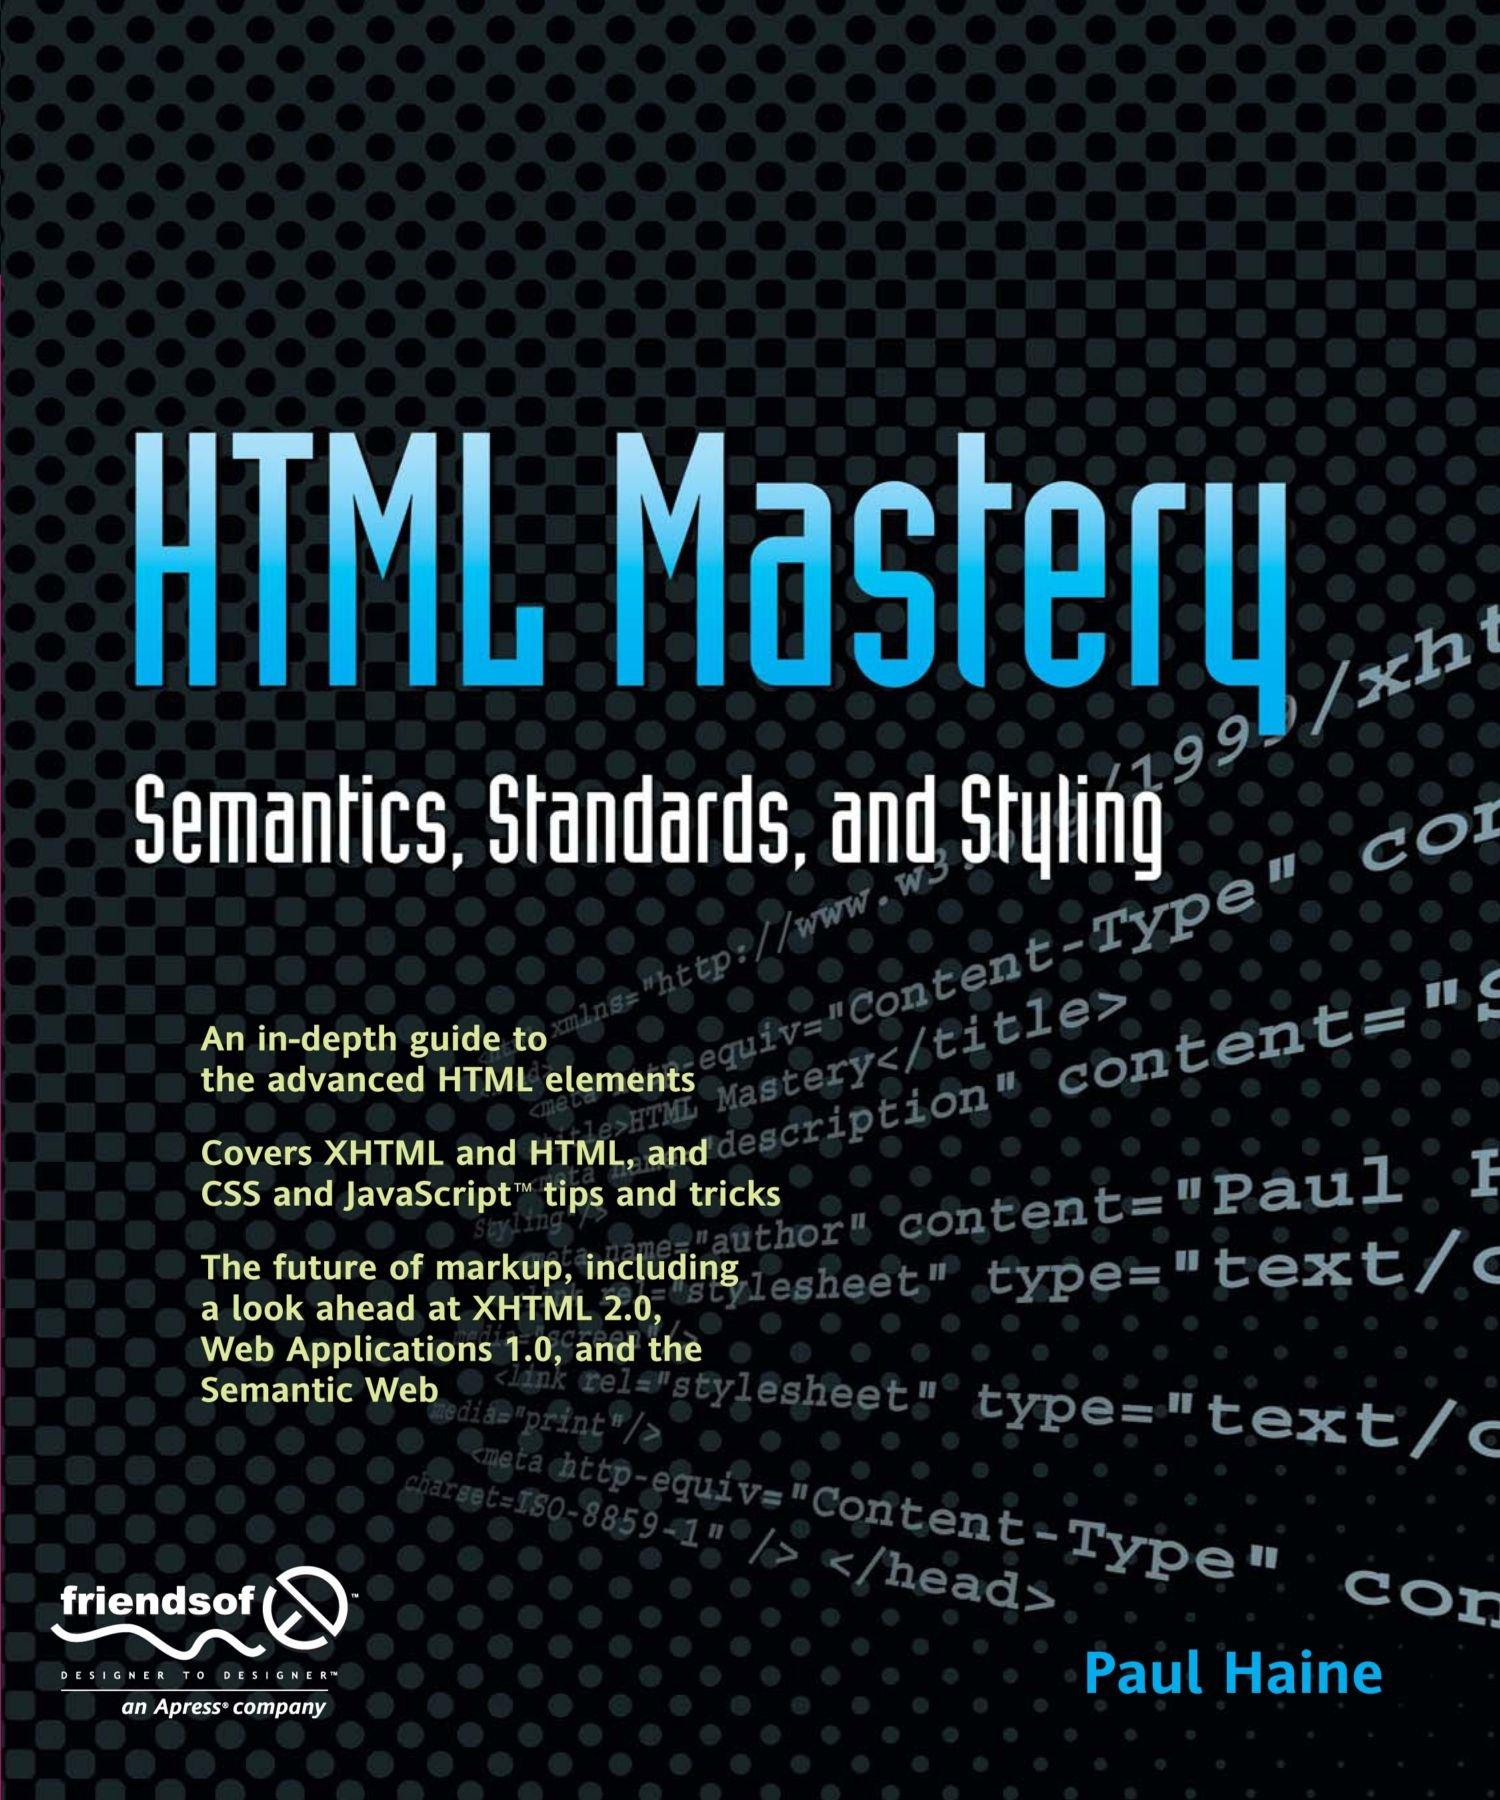 HTML Mastery